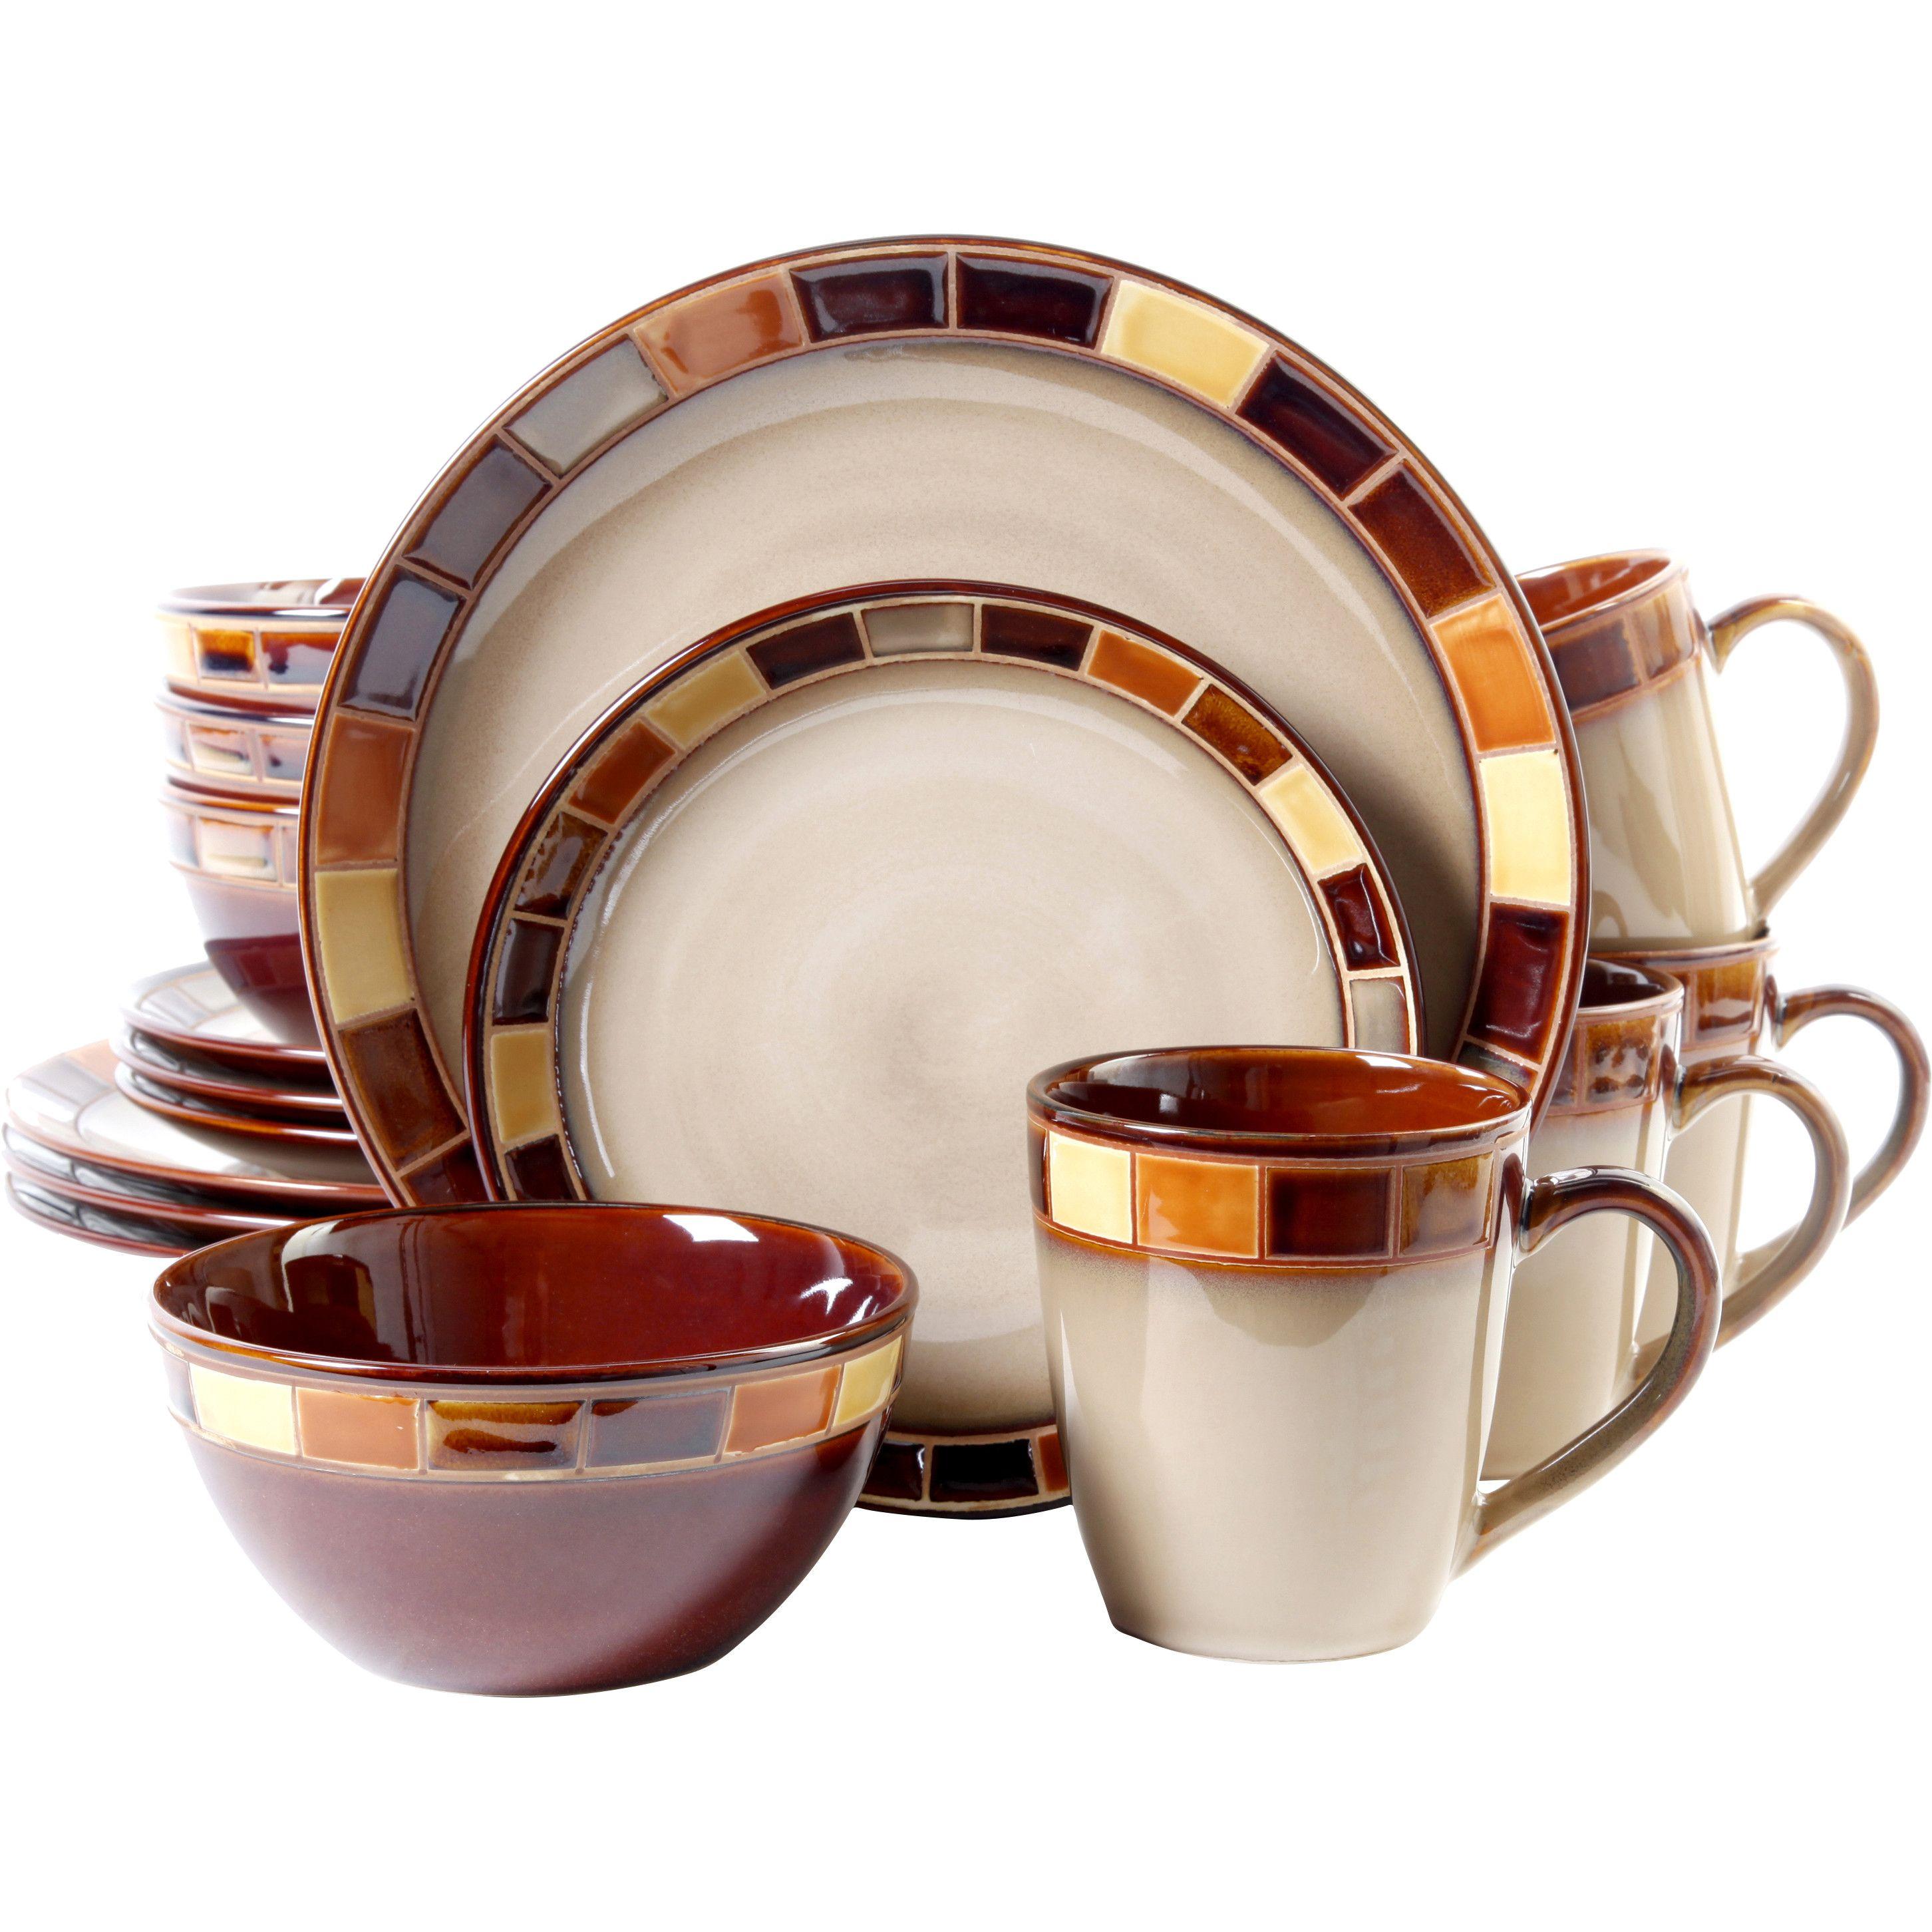 Gibson Casa Estebana 16 Piece Dinnerware Set  sc 1 st  Pinterest & Gibson Casa Estebana 16 Piece Dinnerware Set | Dishes | Pinterest ...